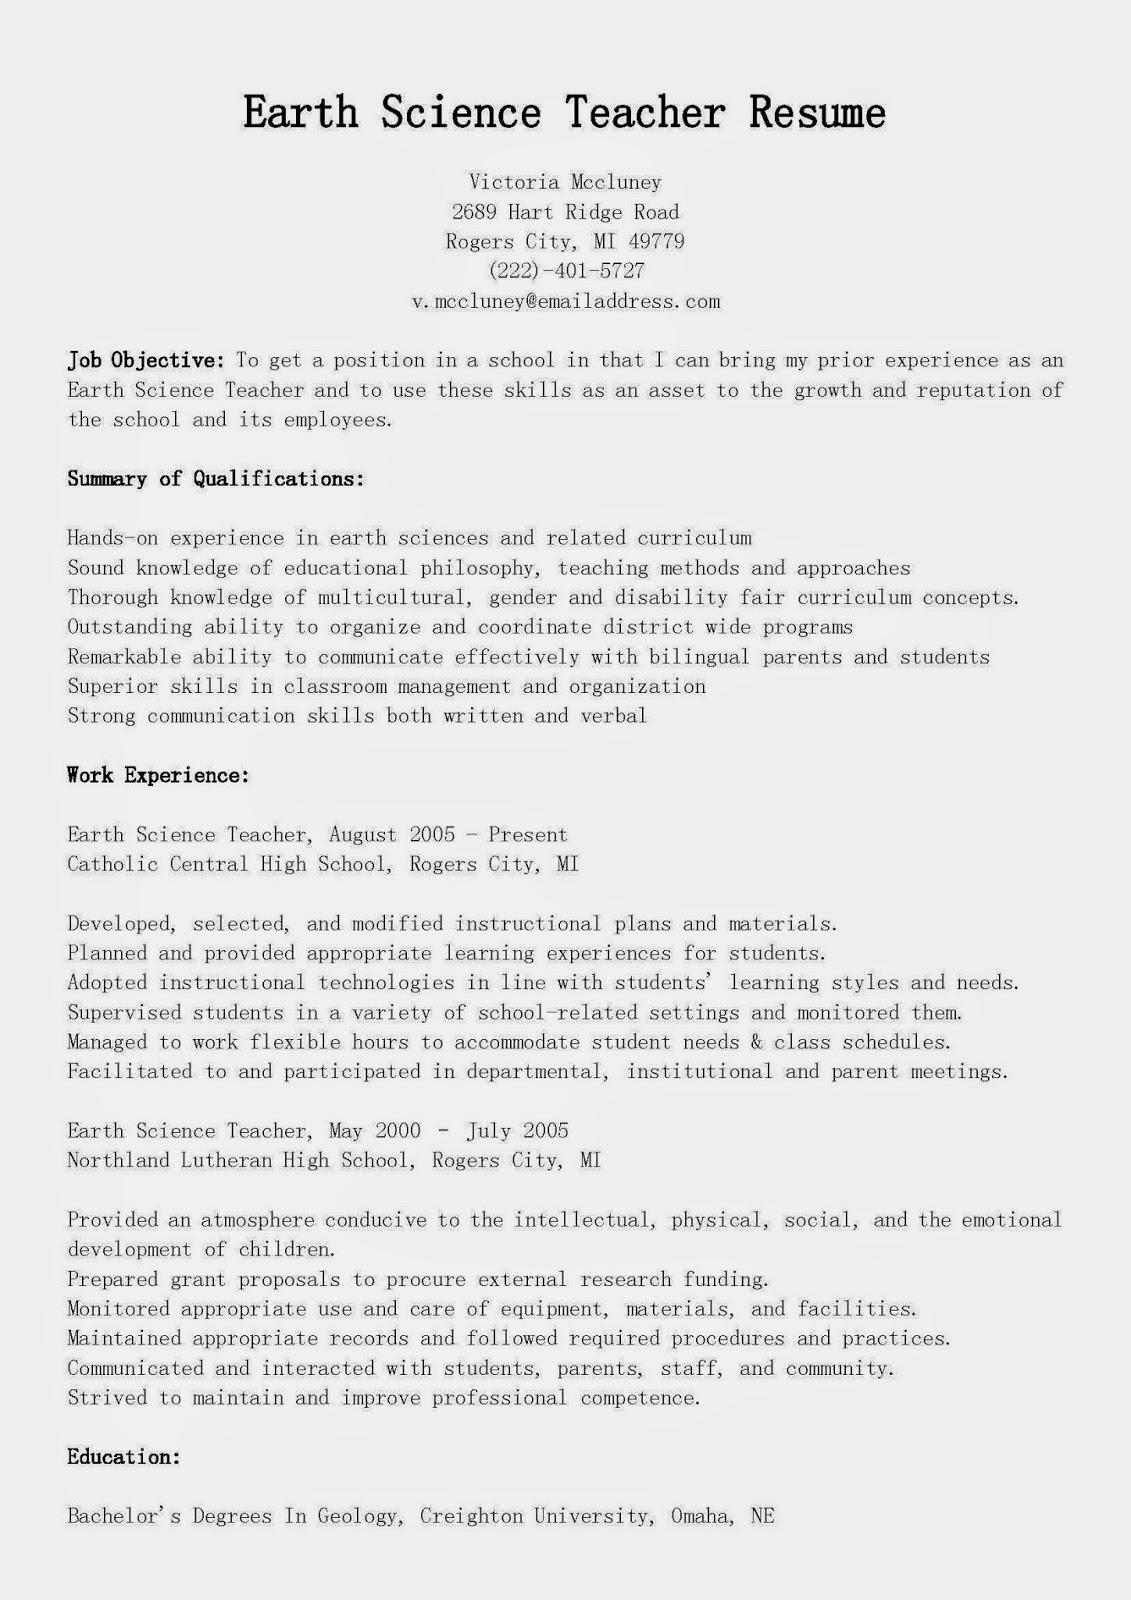 resume samples  earth science teacher resume sample